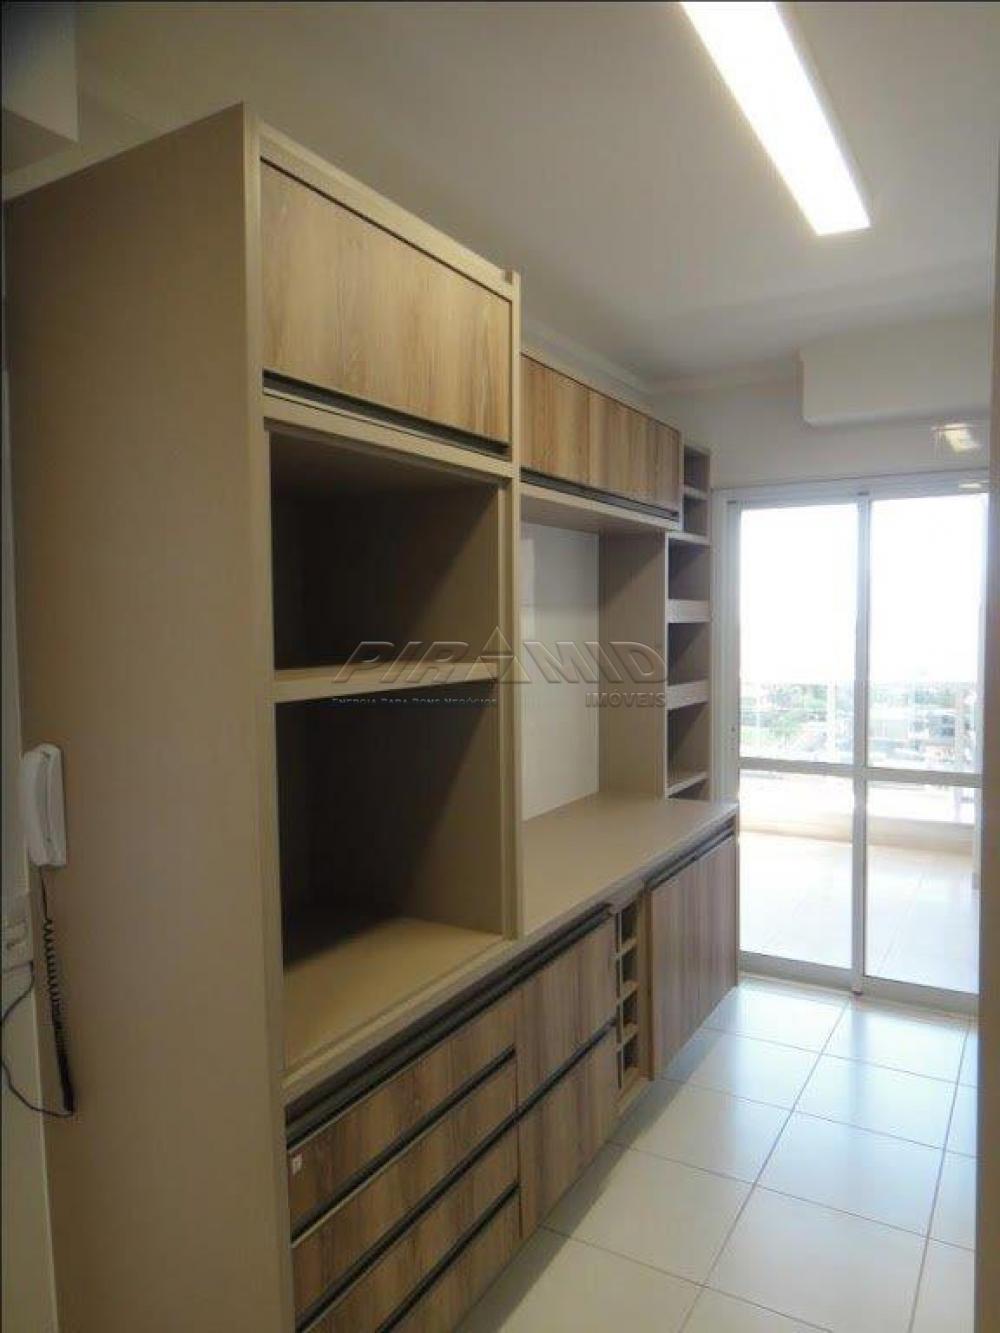 Alugar Apartamento / Padrão em Ribeirão Preto apenas R$ 4.000,00 - Foto 24